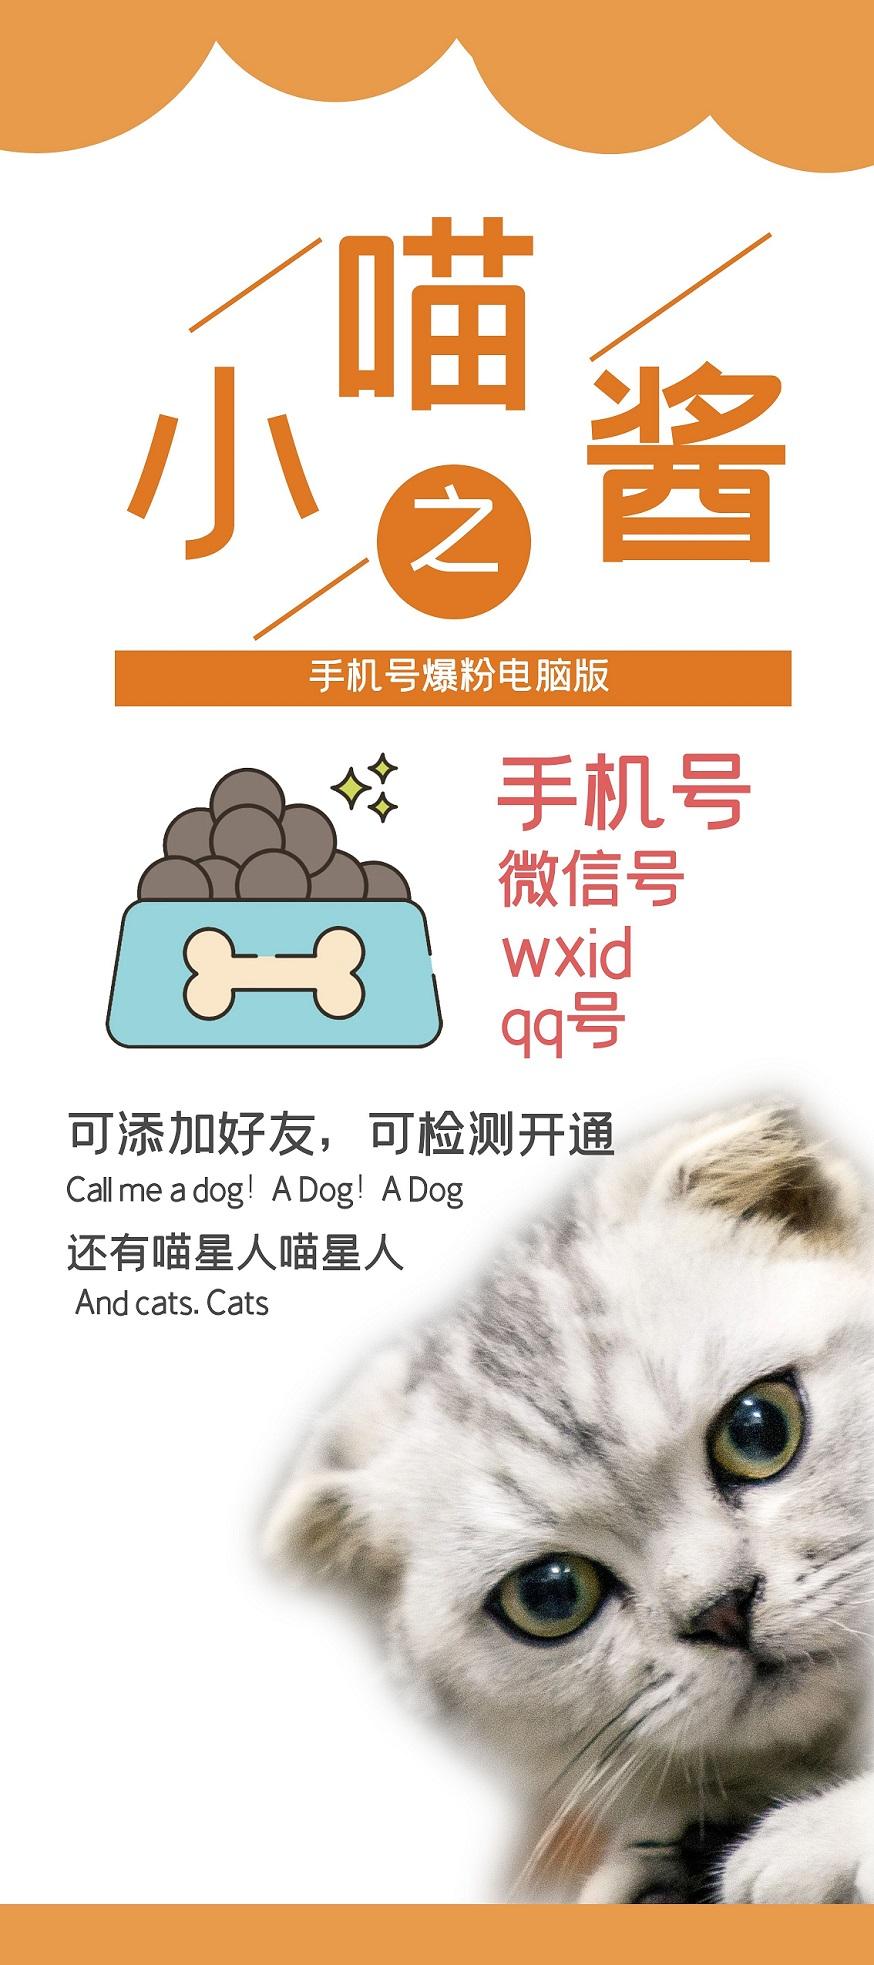 【小猫手机通讯录】小喵酱电脑版手机号QQ号wxid导入爆粉 批量检测开通